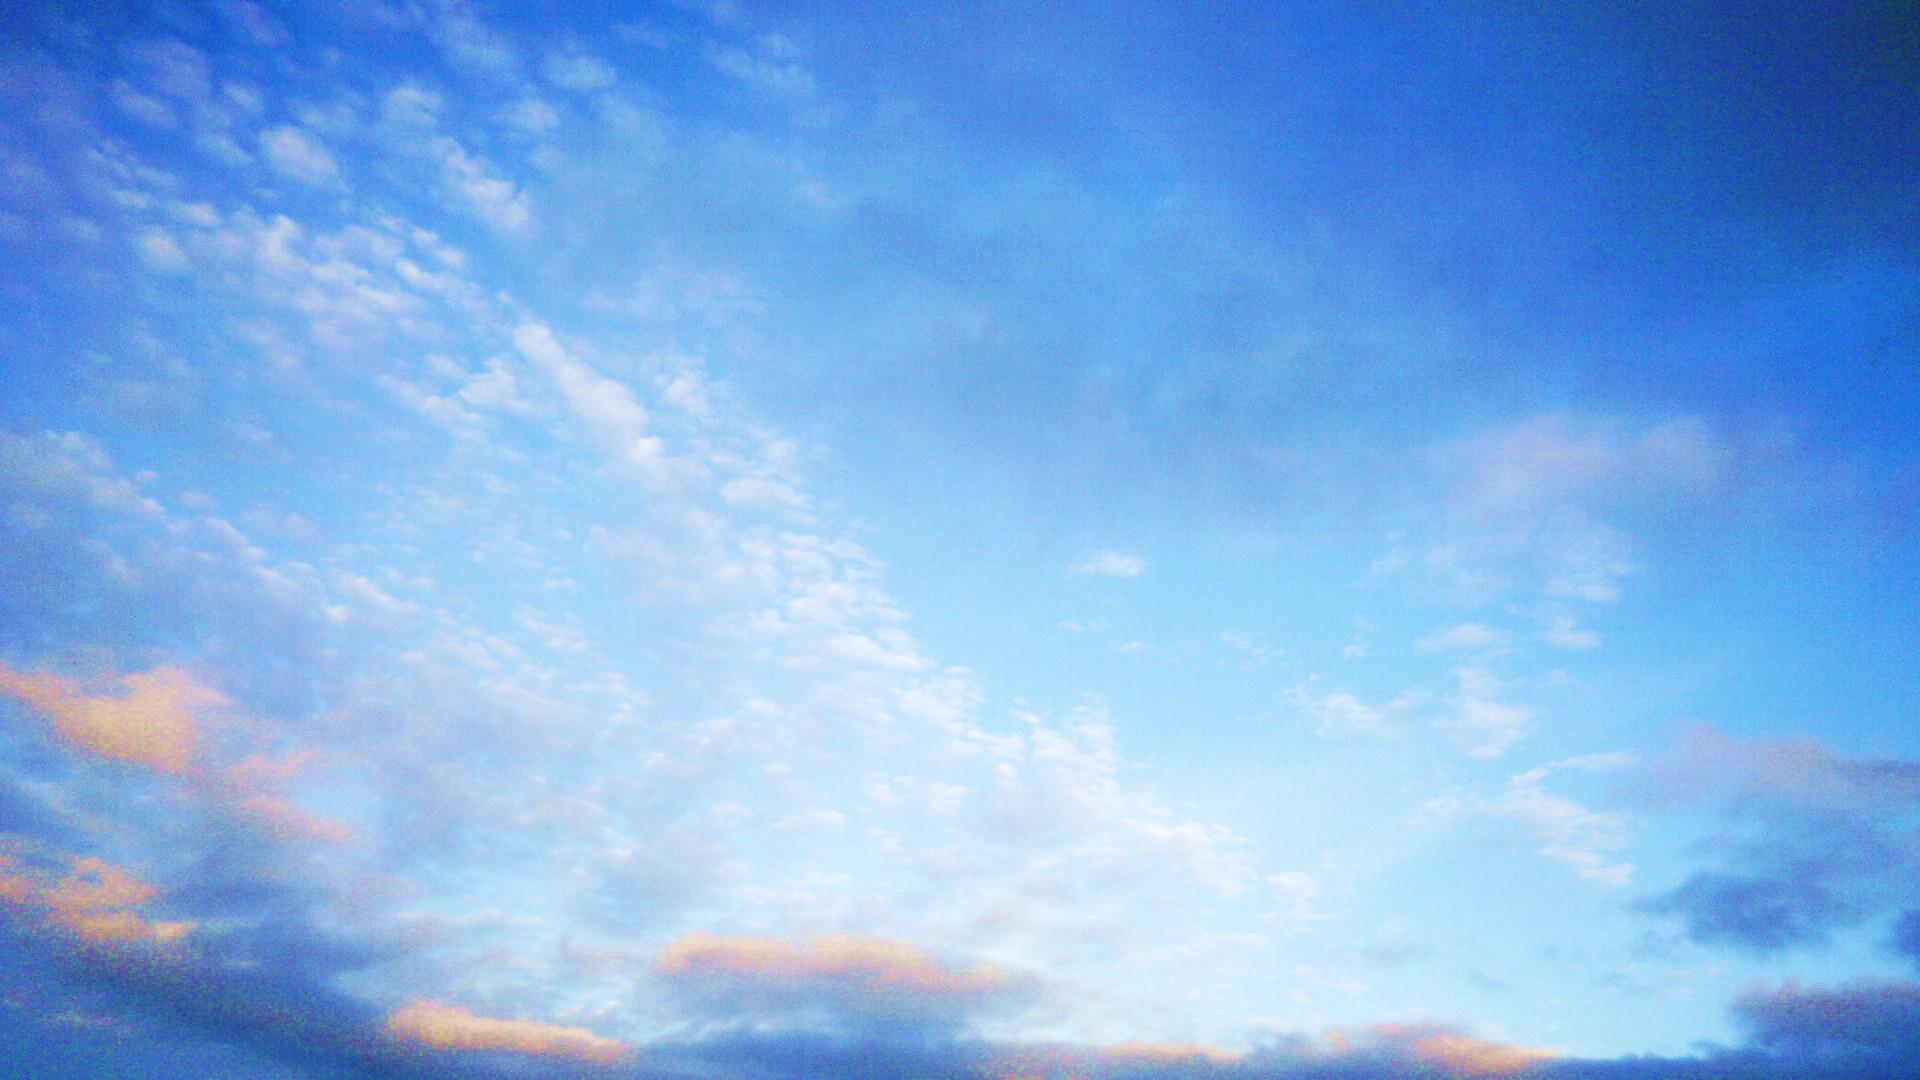 Blue Blue Sky by Niwaa on DeviantArt